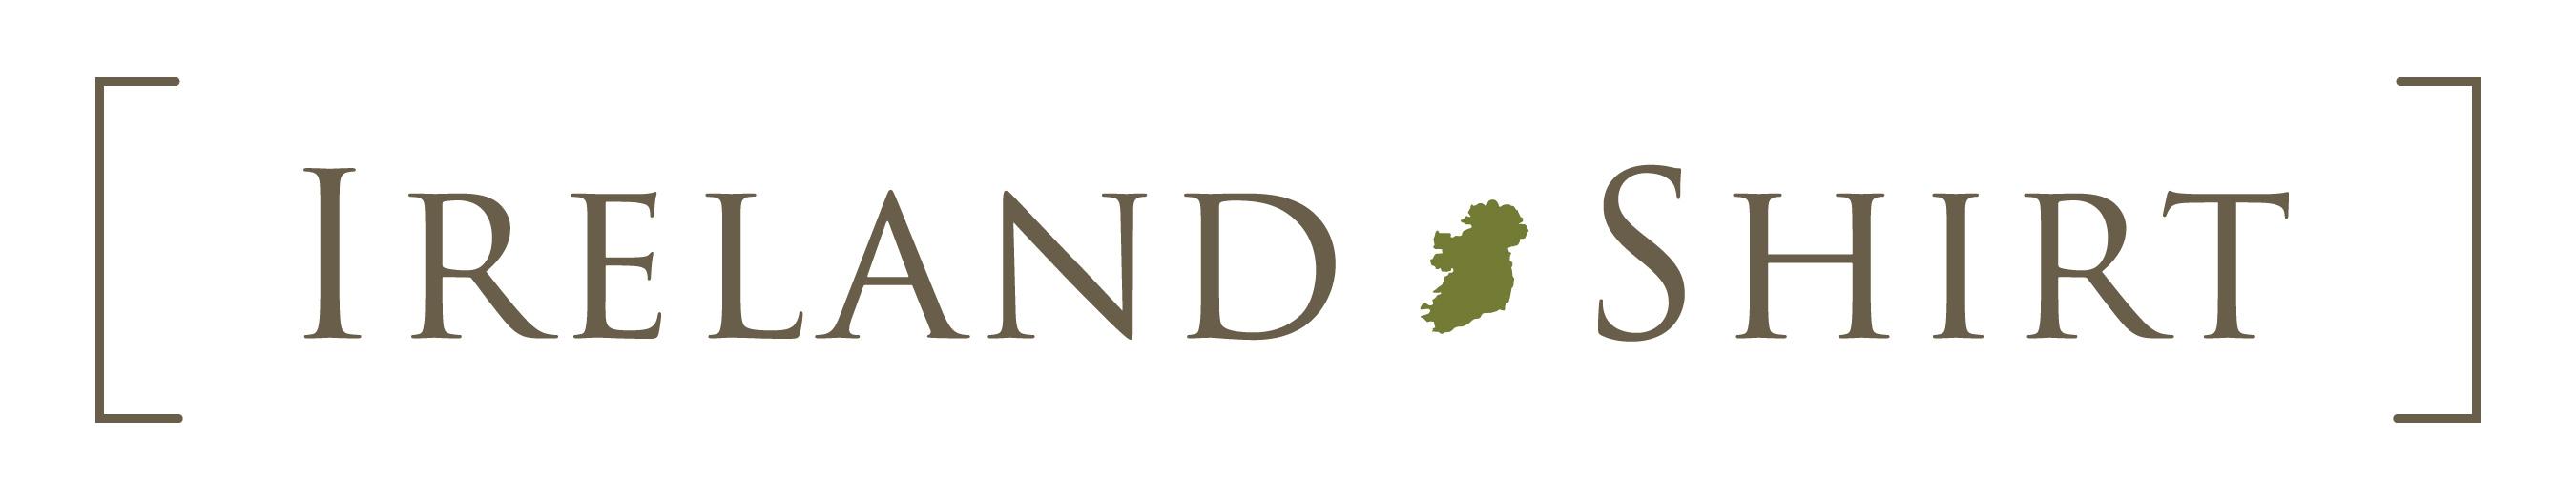 Irish Shirts | Ireland Shirt